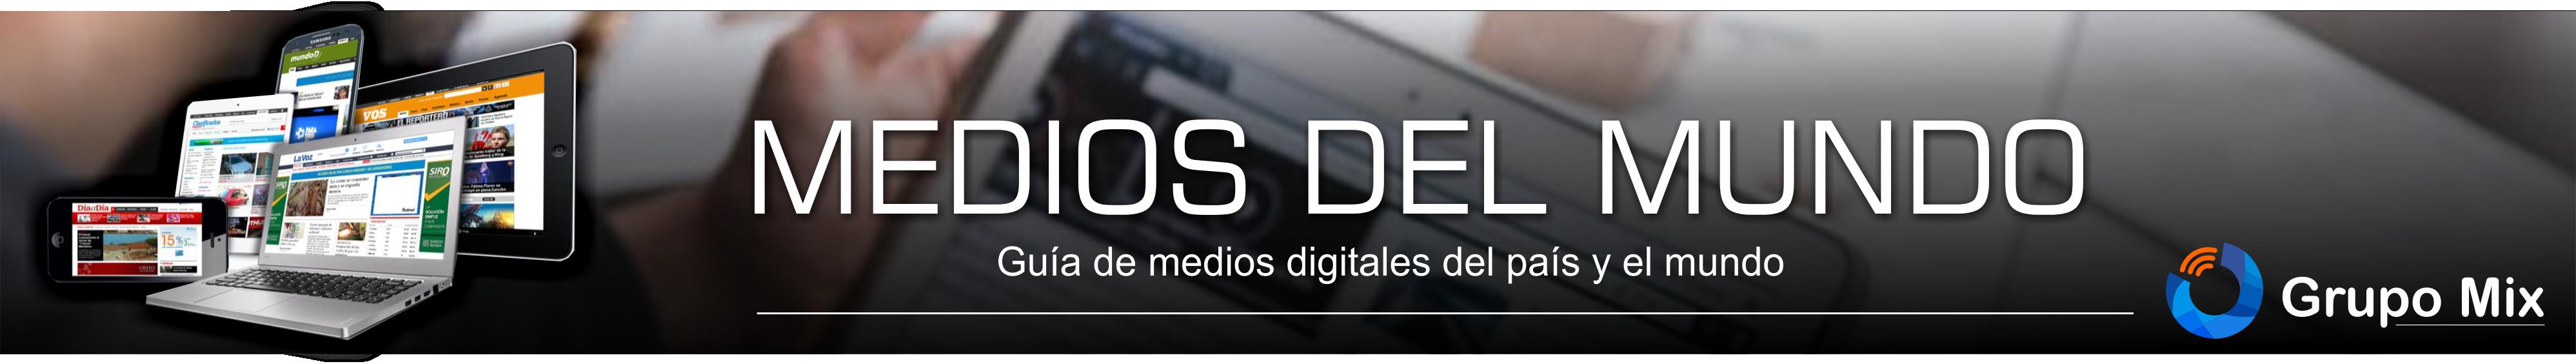 medios-mundo